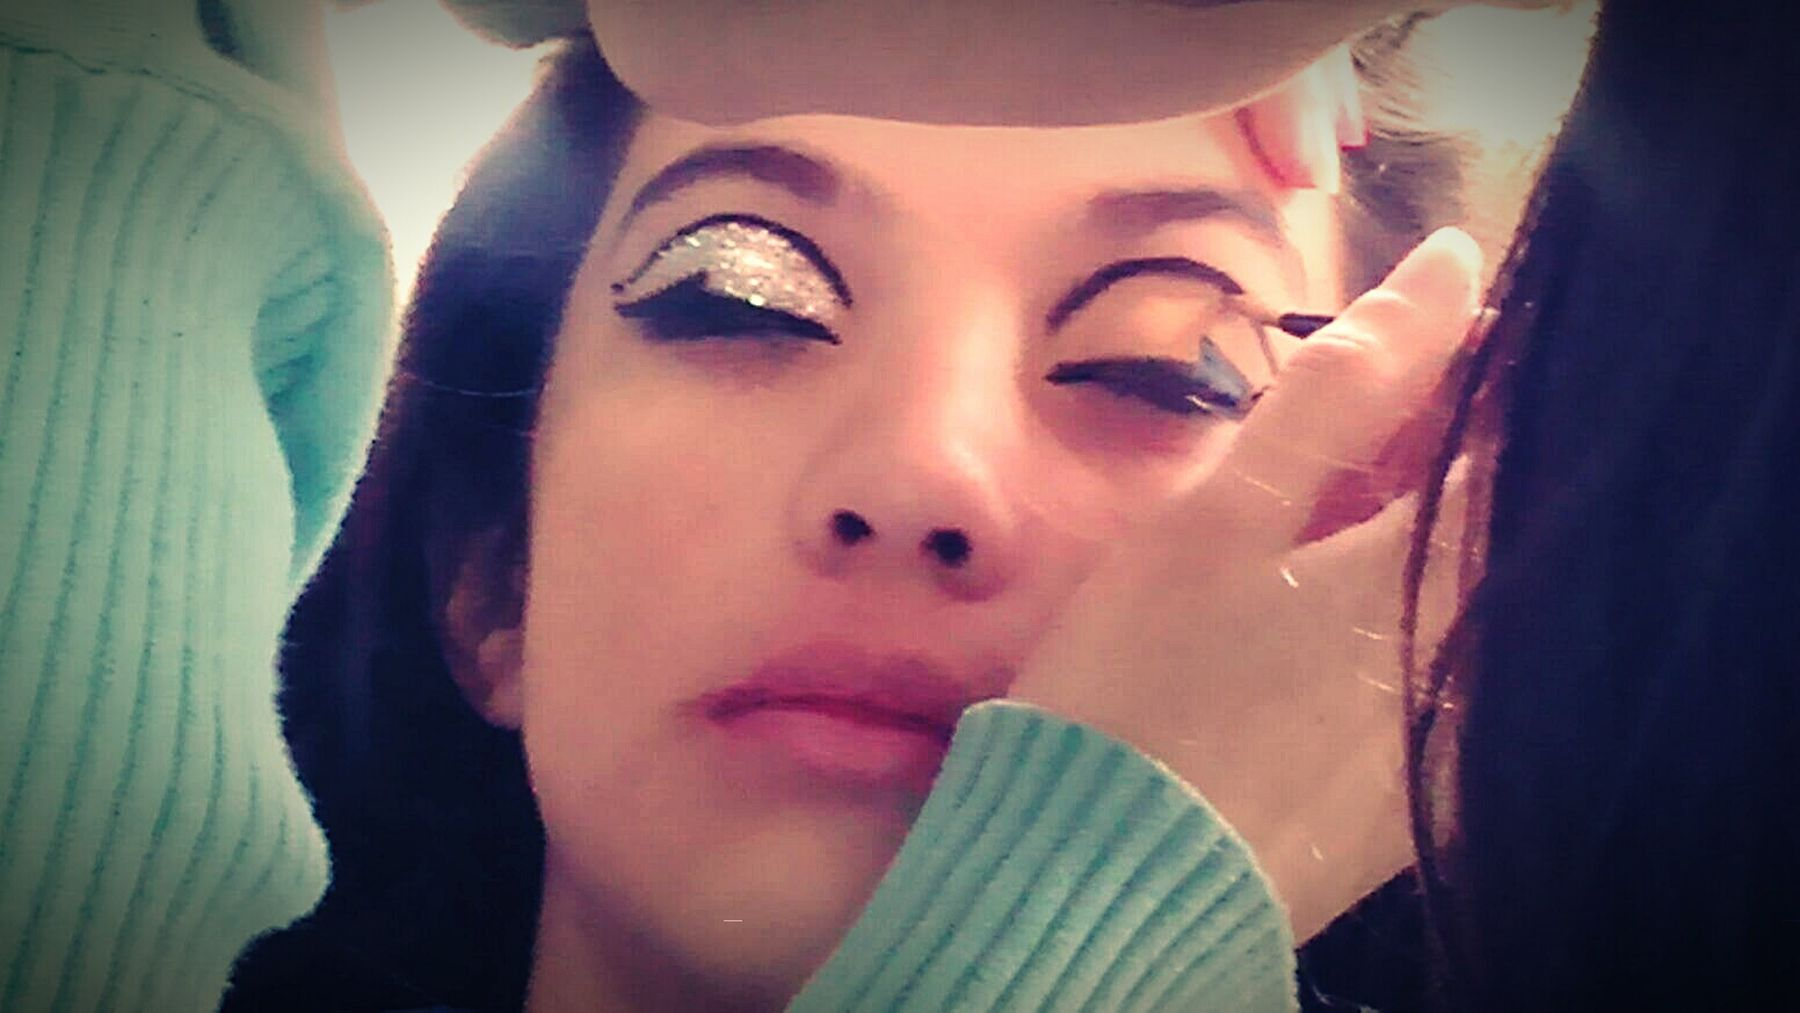 Model Makeup Model Girl Modelife Makeupfree Makeup Artist Makeupideas Enjoying Life First Eyeem Photo Buenosaires Argentina 👑🎉🎊👌😚😍